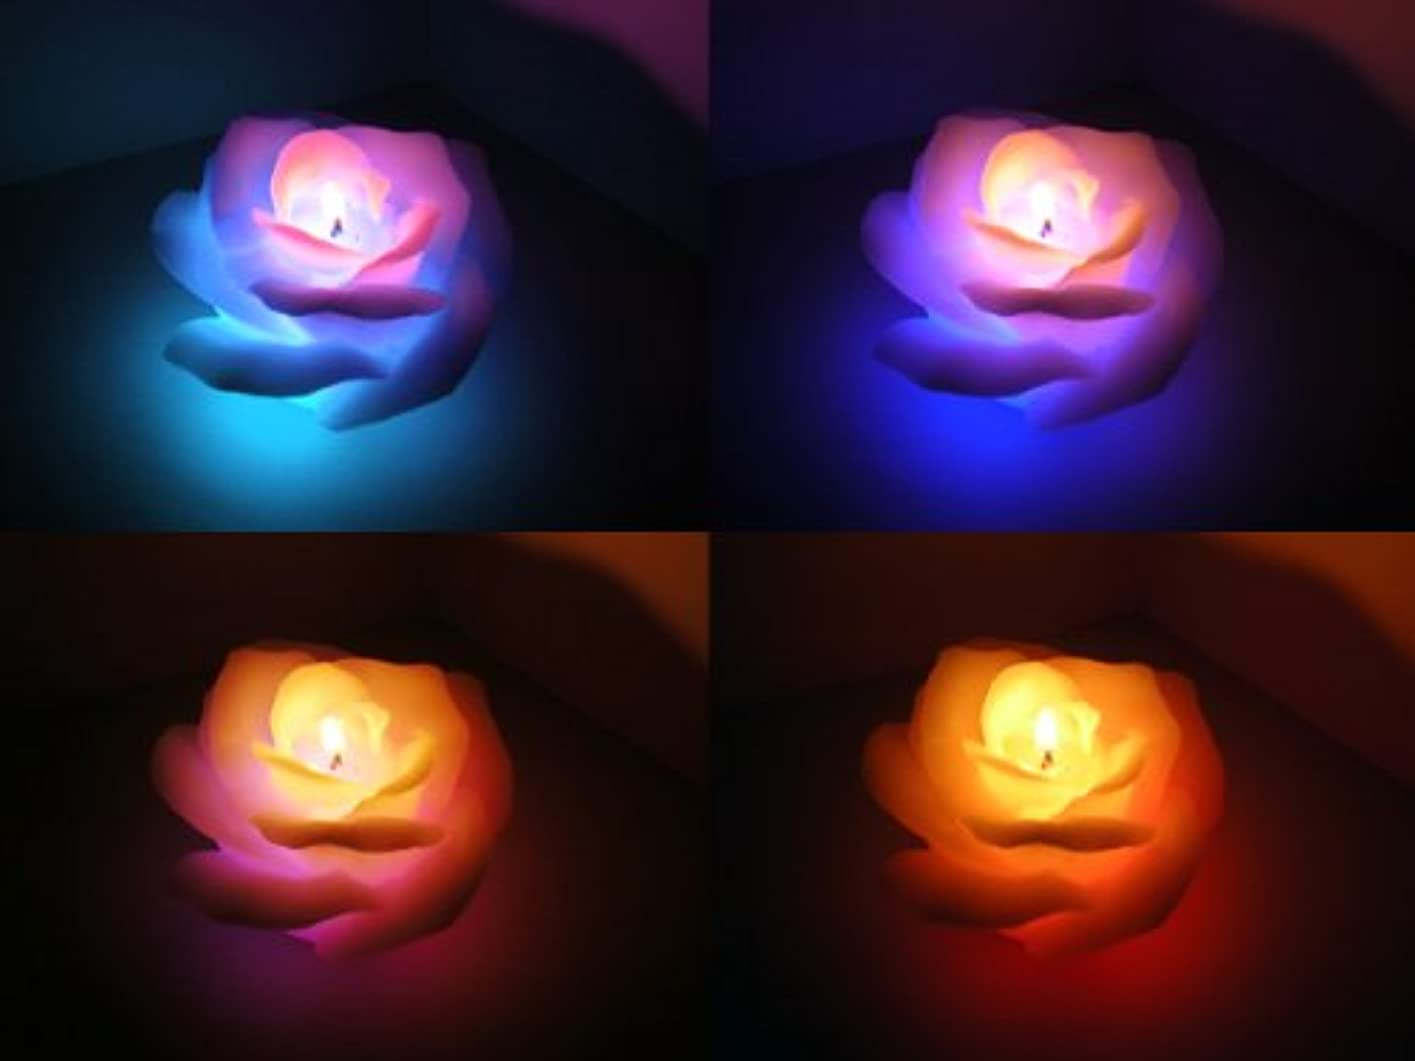 ナイロン知性フォアタイプ7色に変化!プレゼントにも!LED内臓キャンドル(バラ)